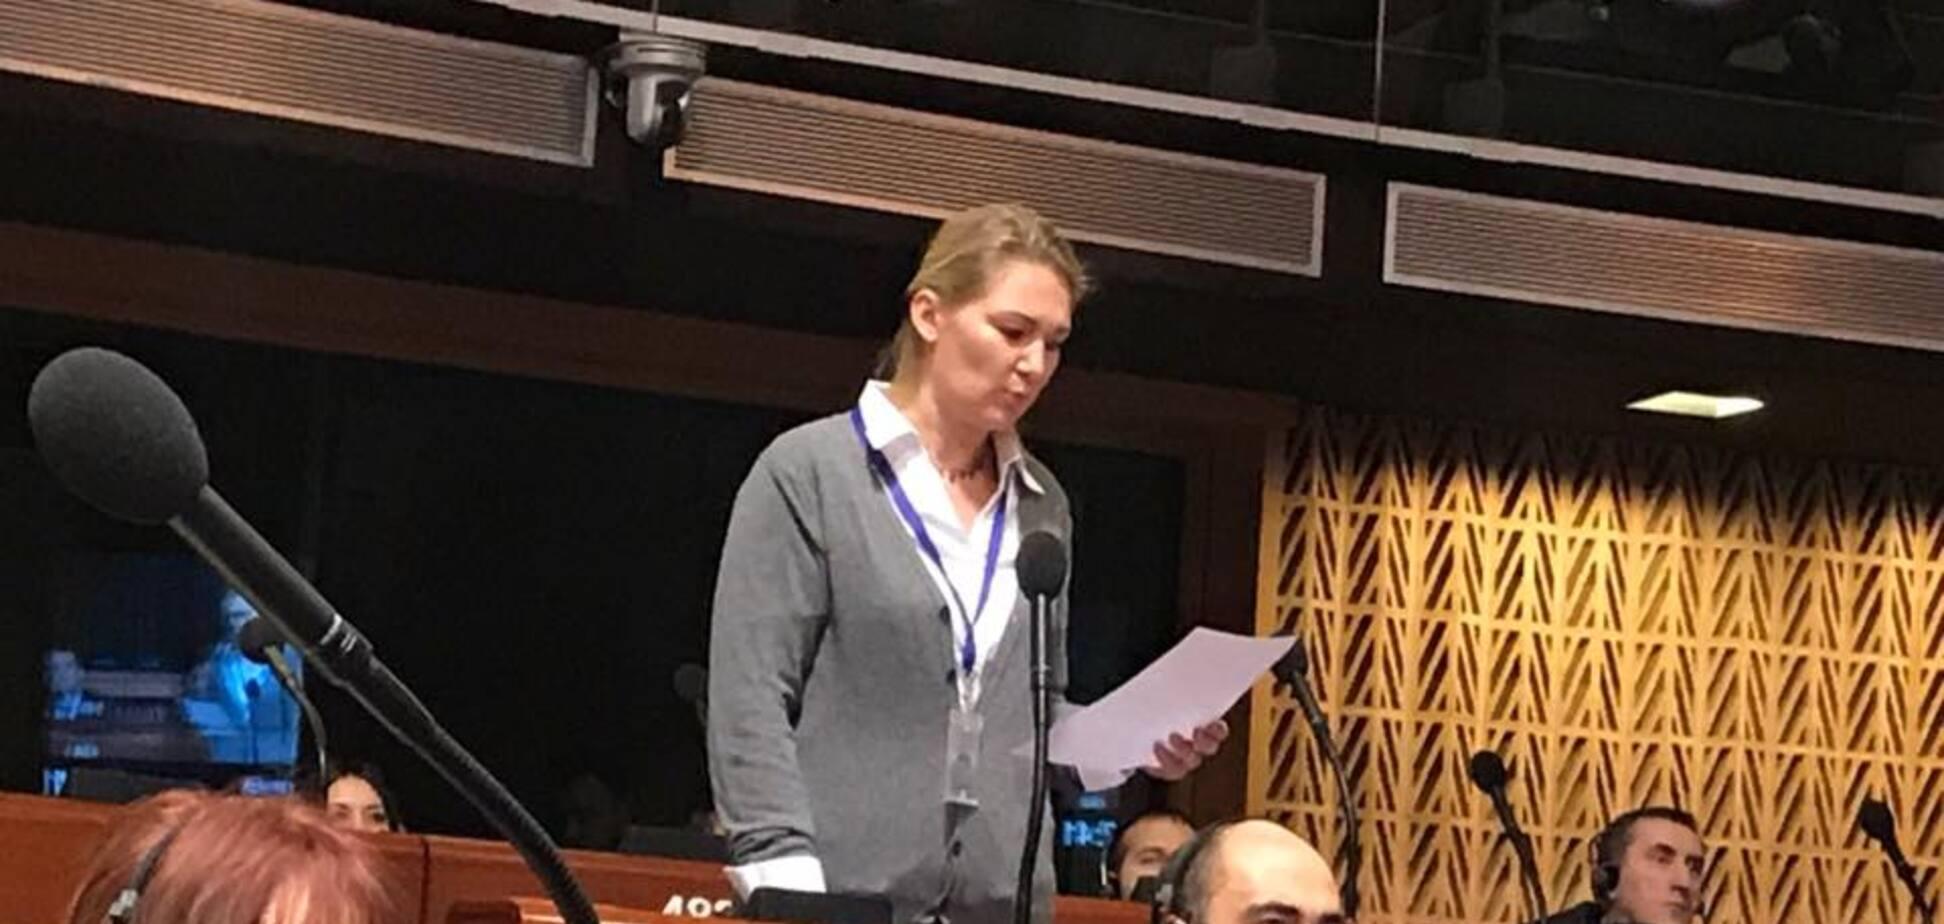 ПАРЄ прийняла важливу резолюцію щодо України